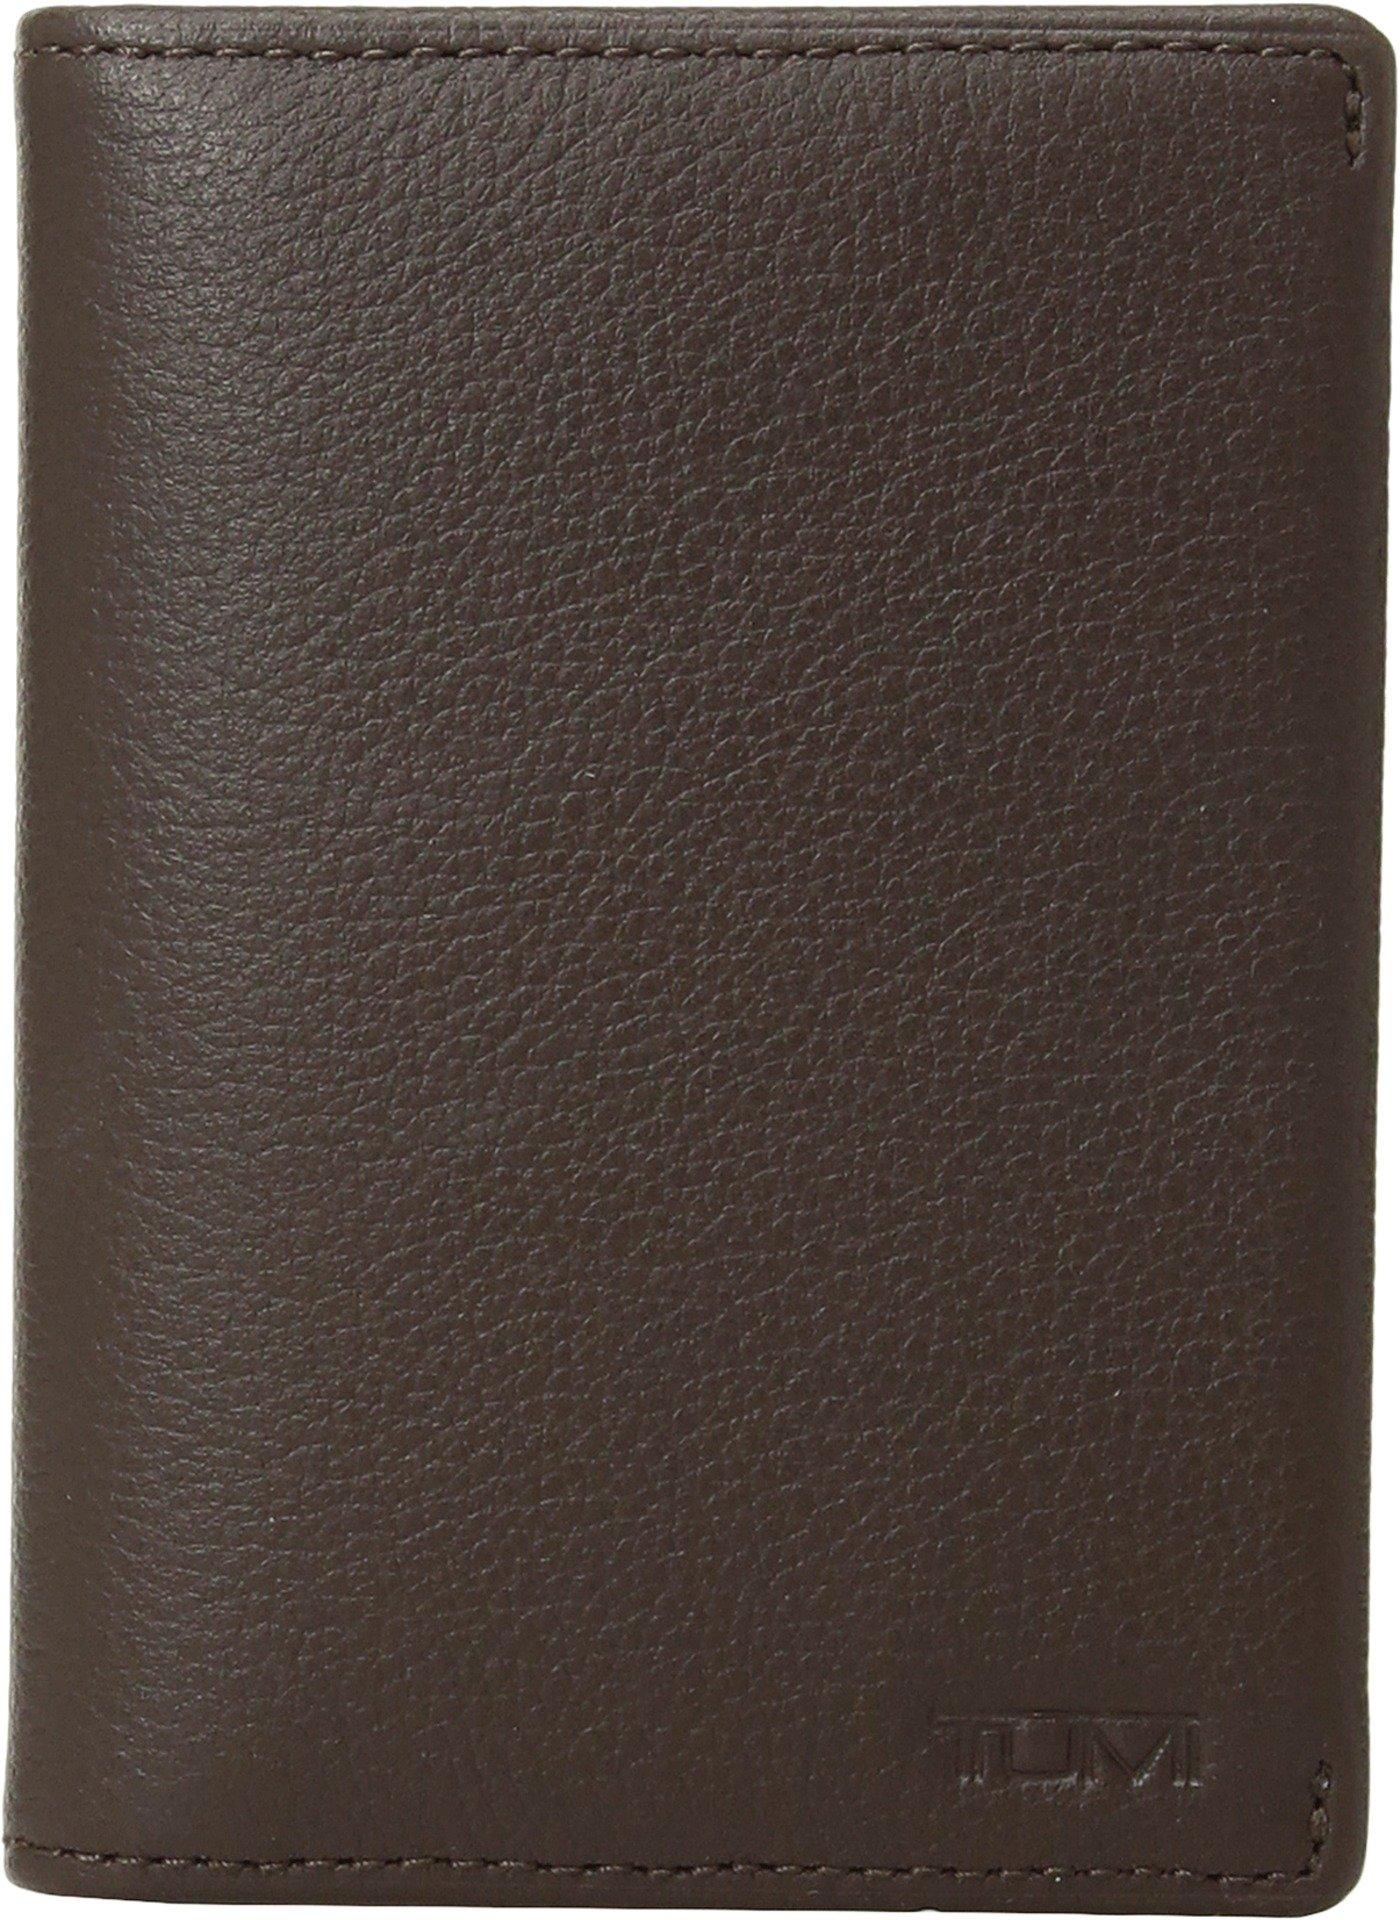 Tumi Men's Nassau Gusseted Card Case Dark Brown Textured One Size